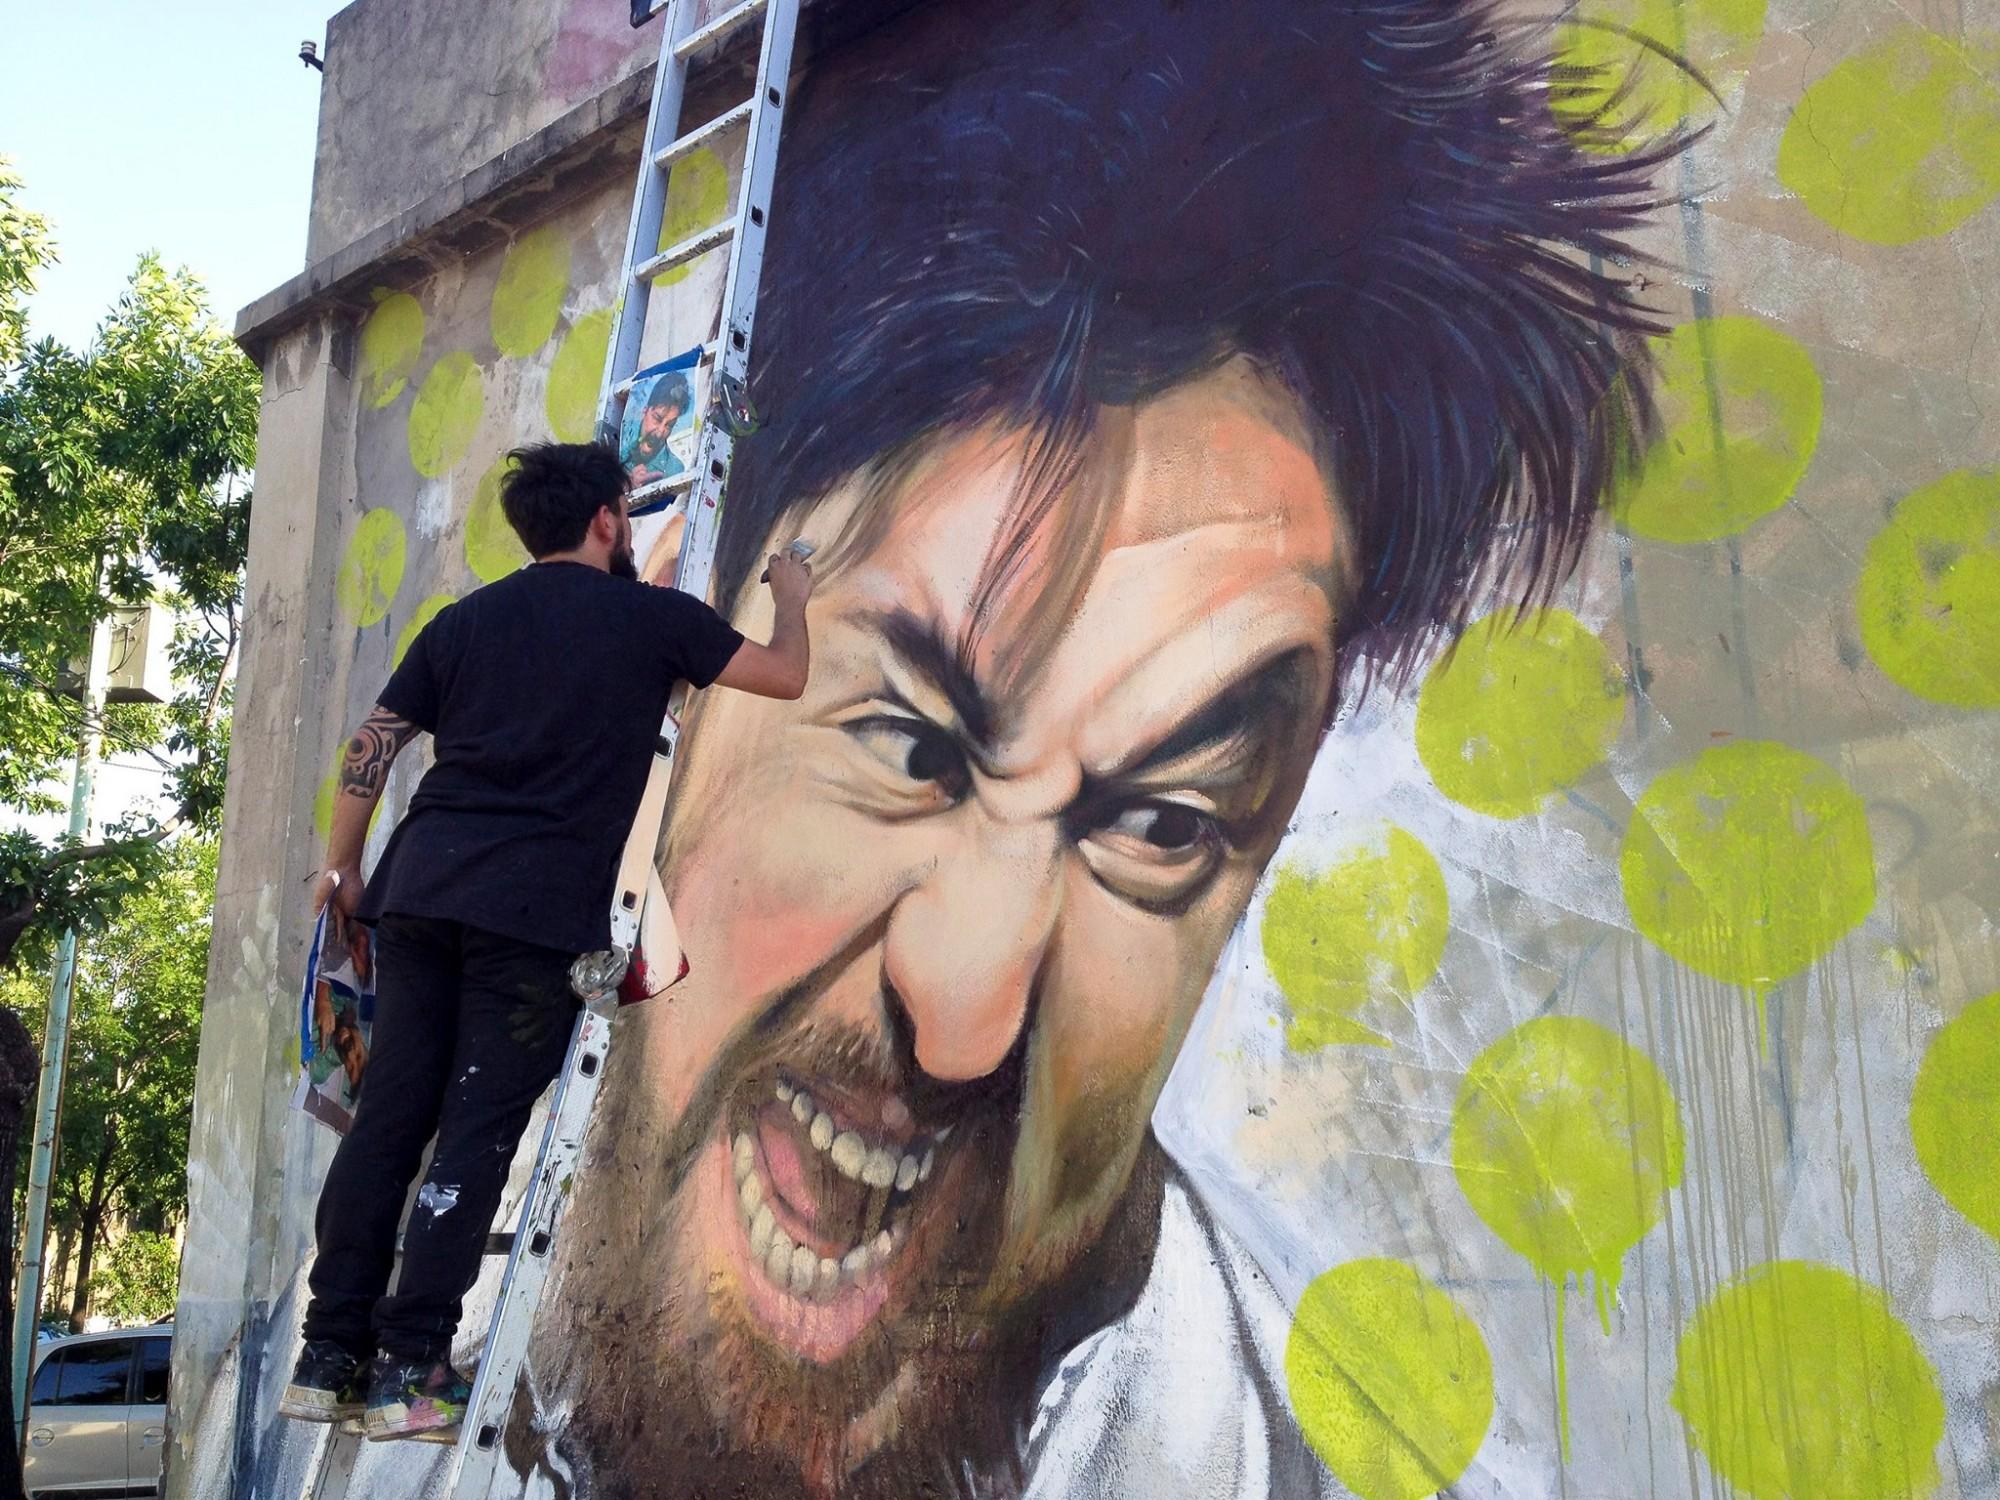 Auterretrato de Martin Ron para la revista Art Democracy. Foto: cortesía de Martin Ron